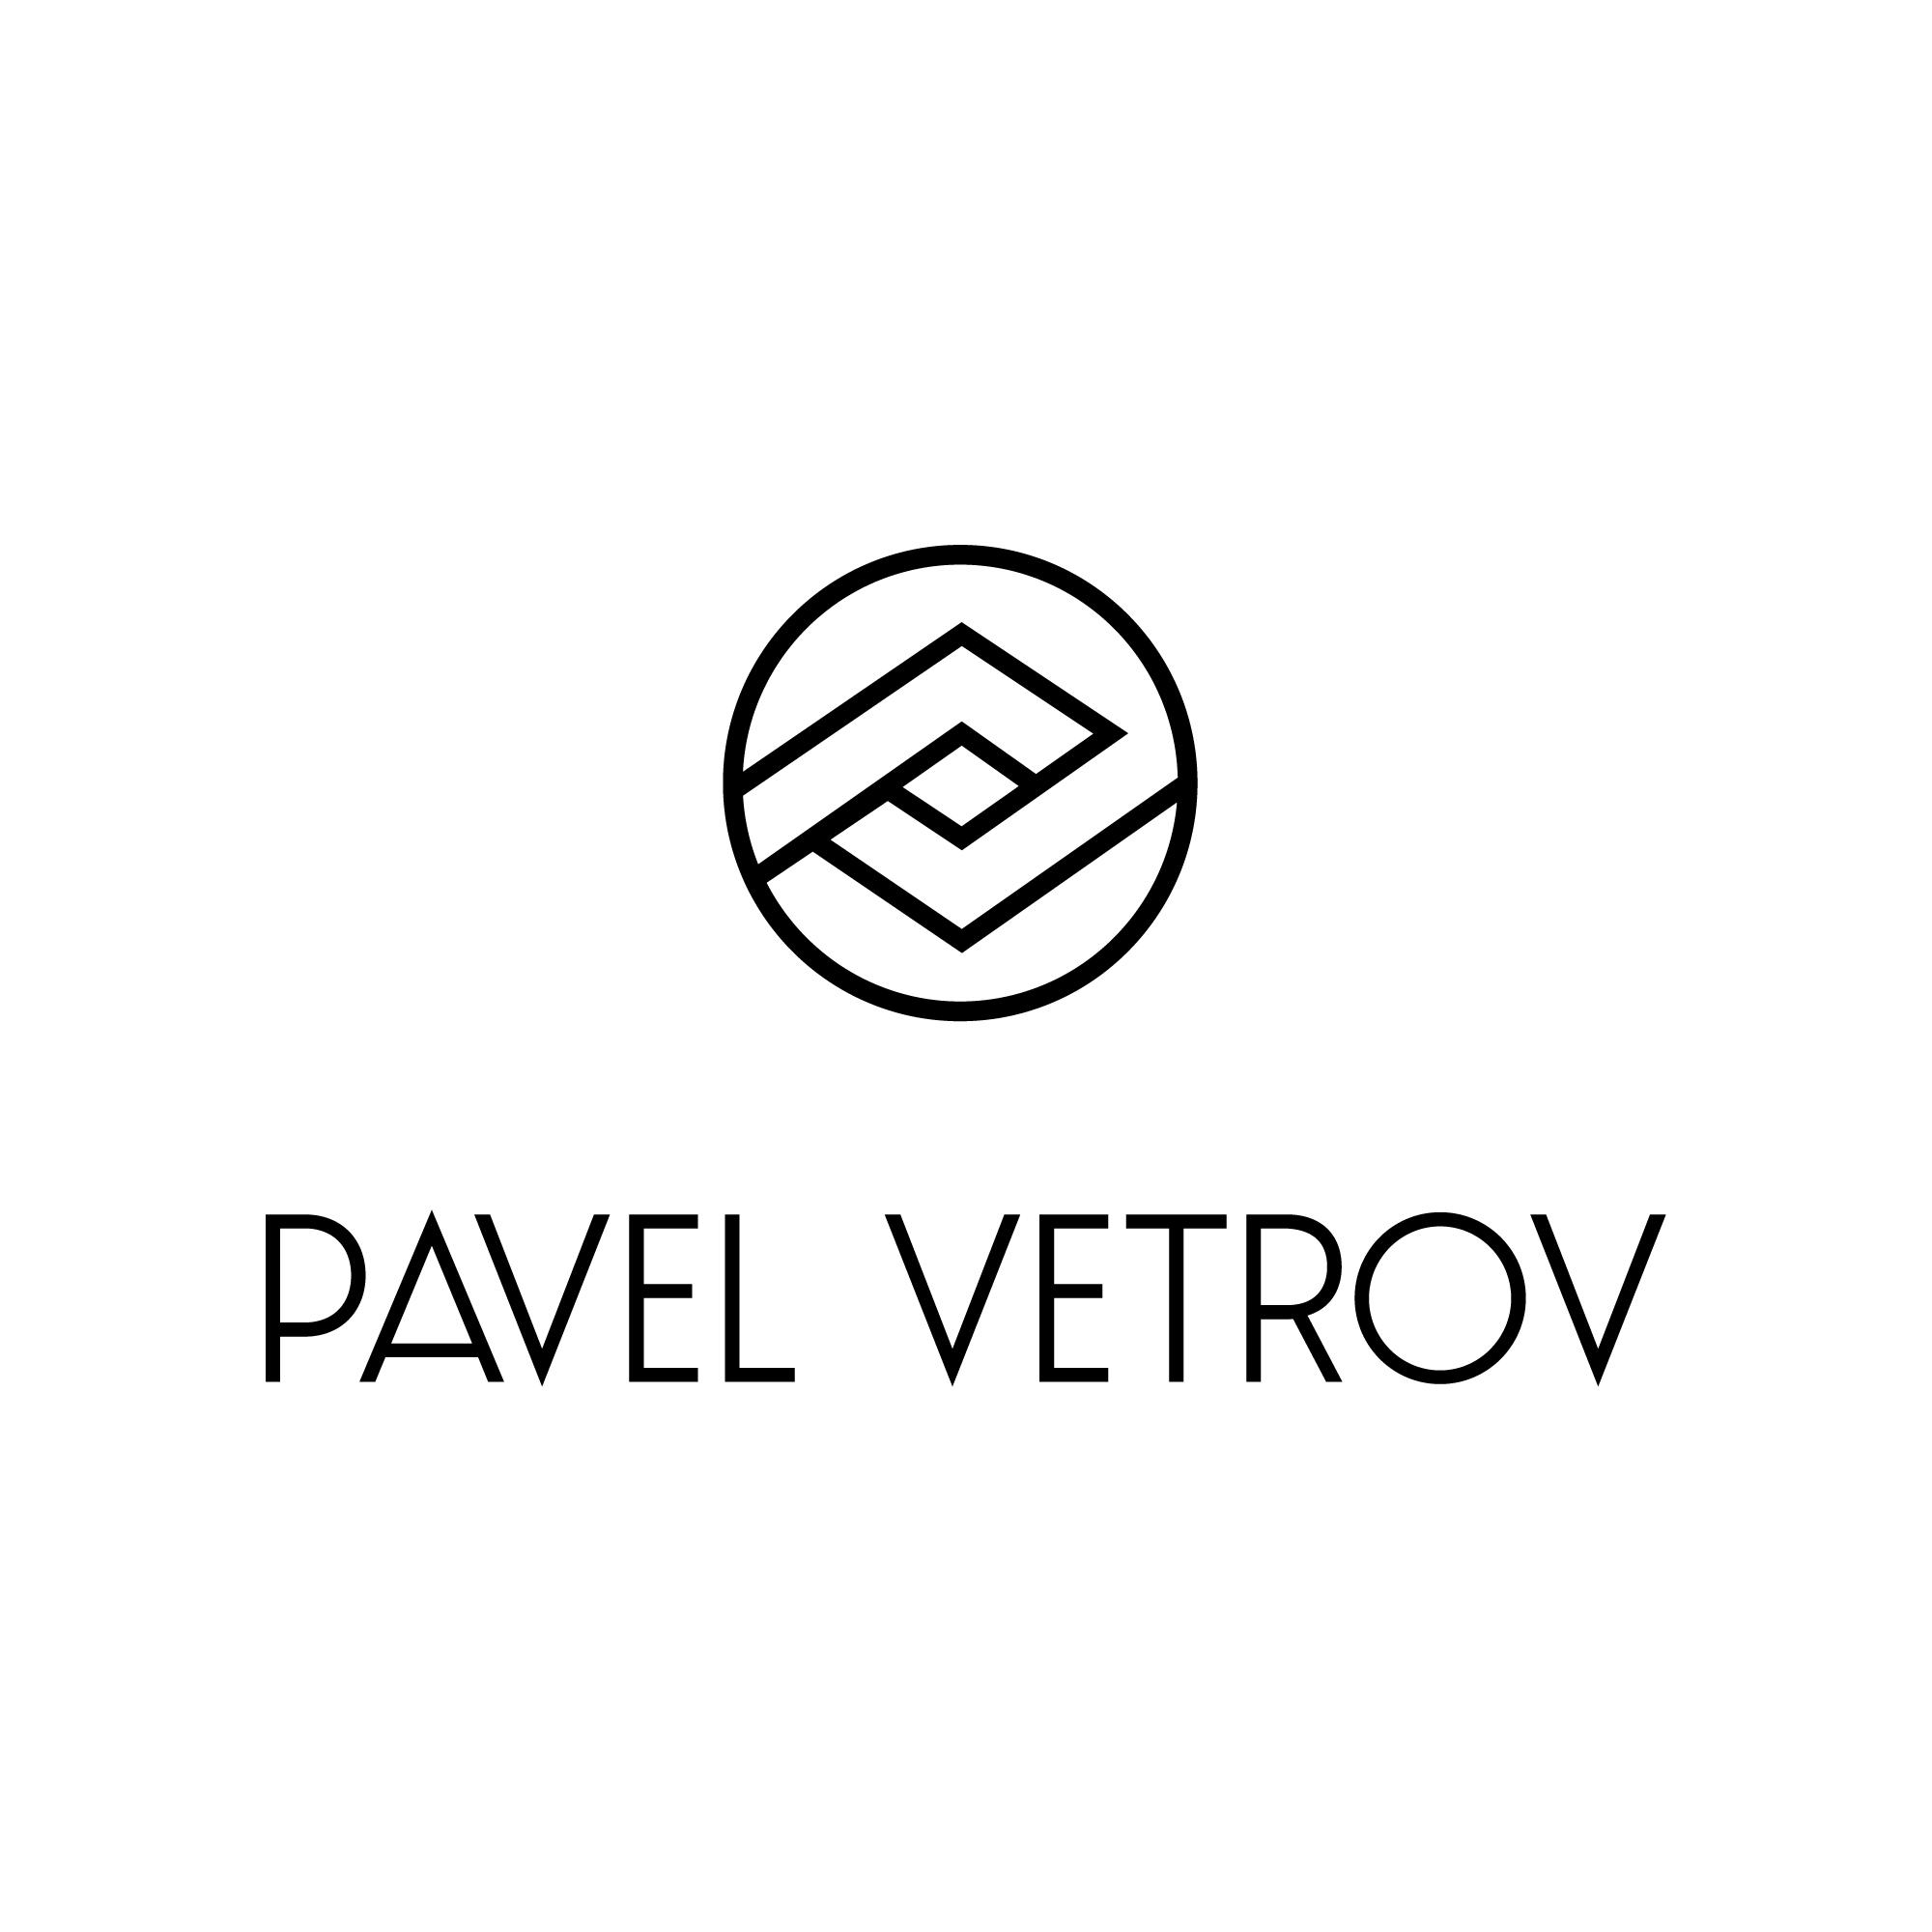 Pavel Vetrov Logo